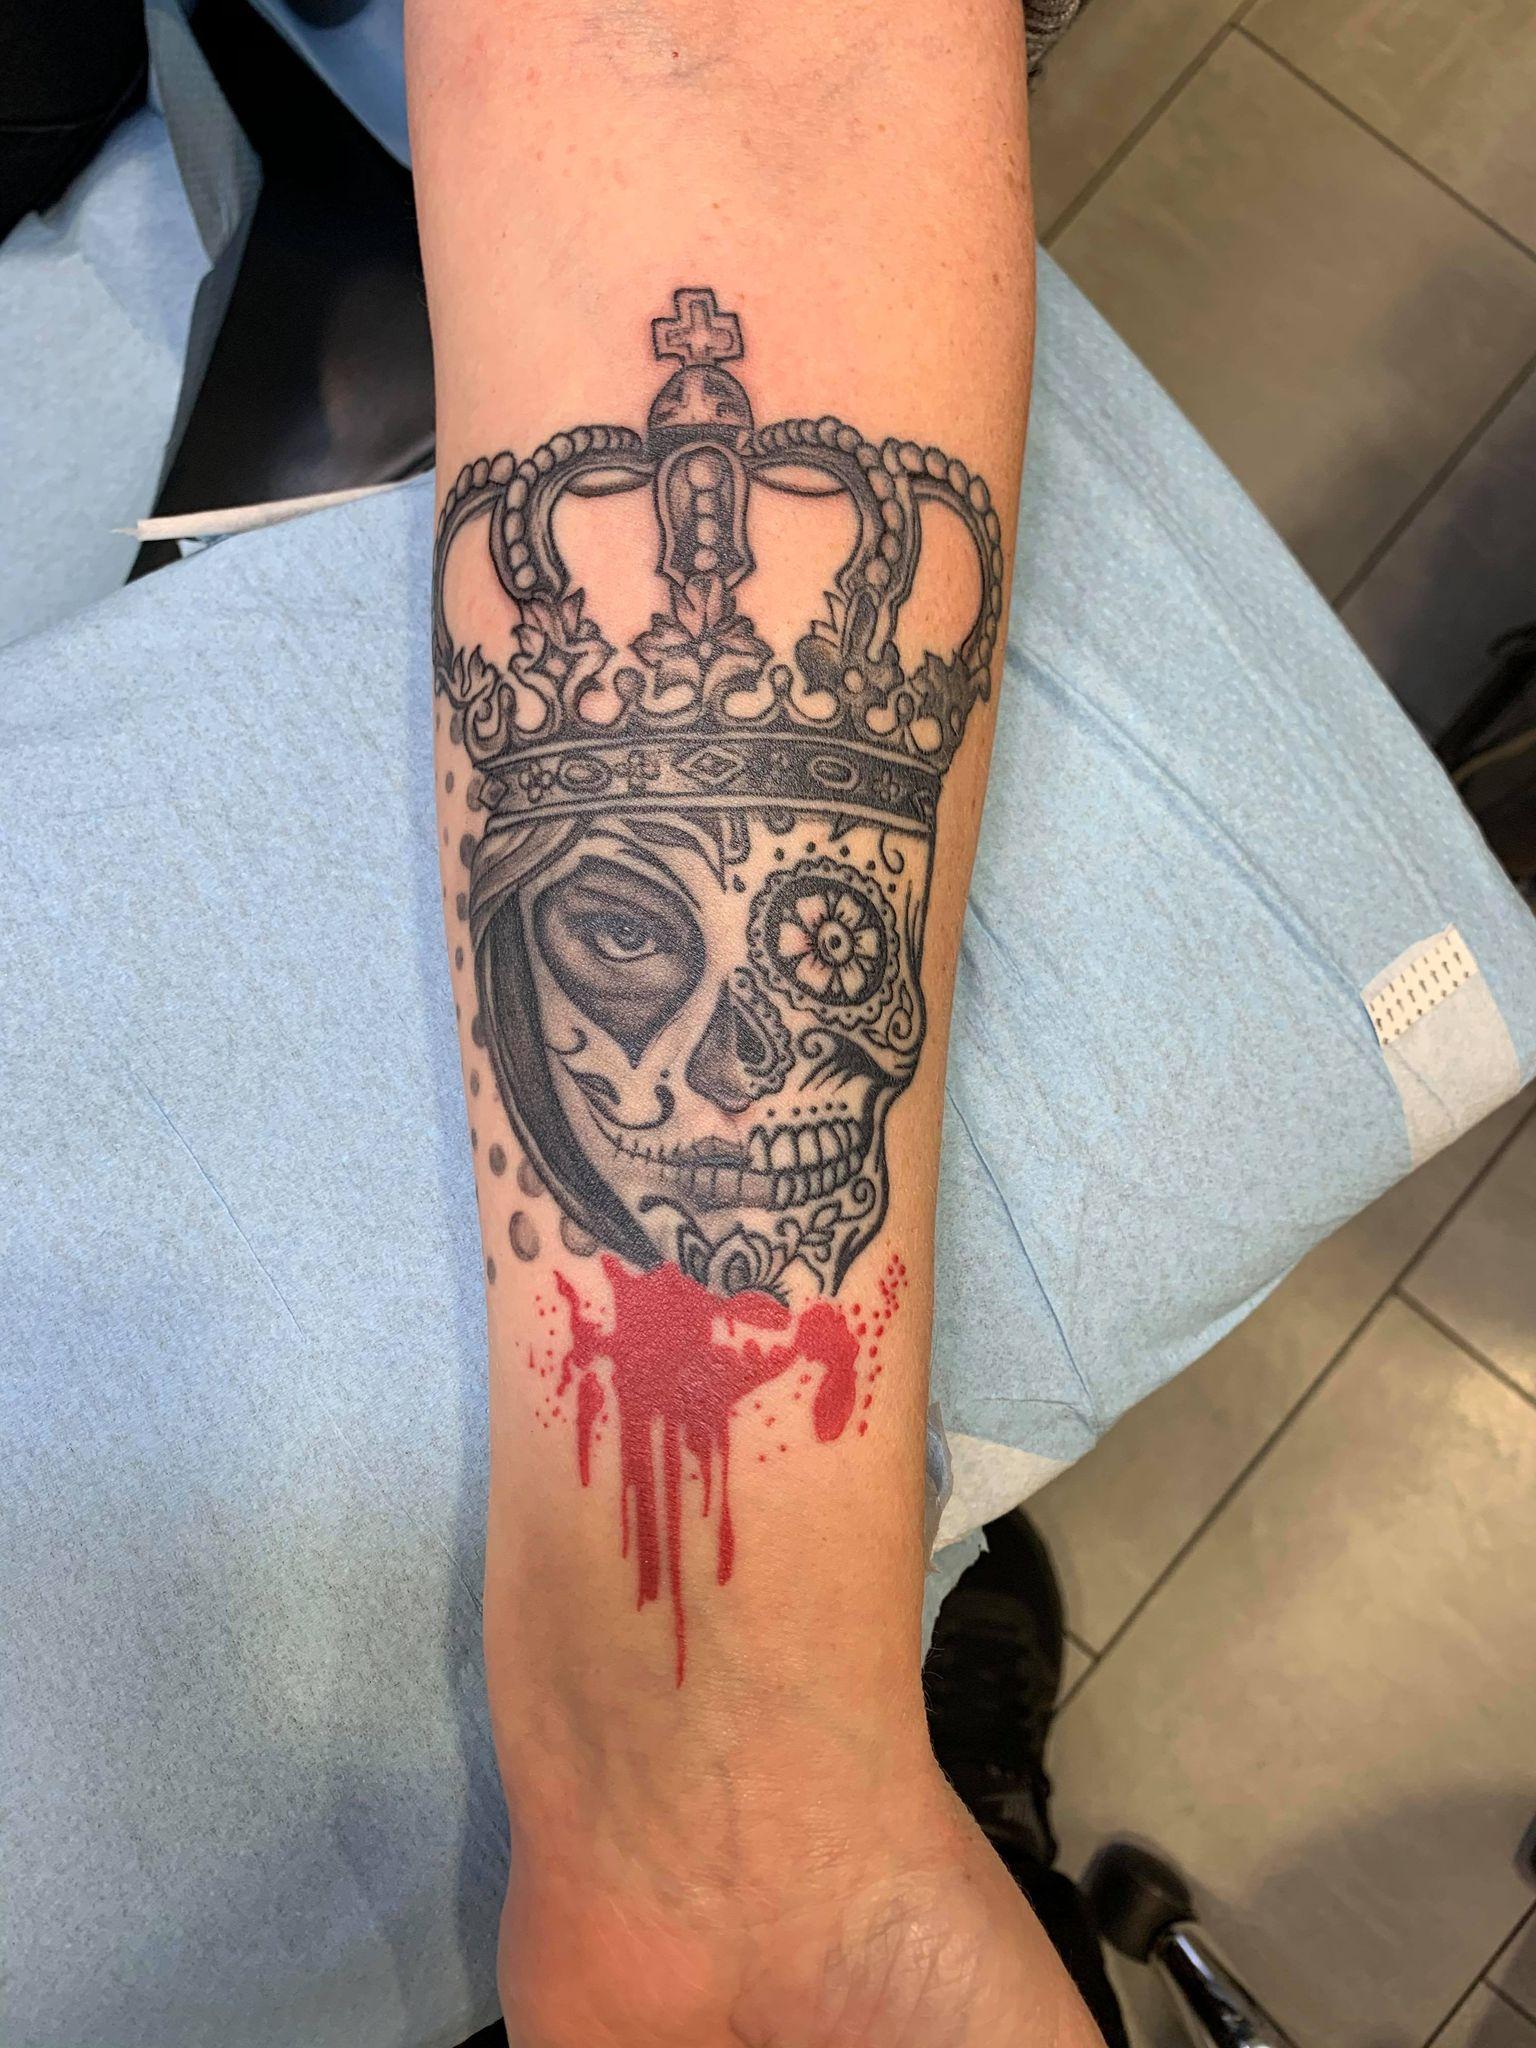 tatouage babylone tattoo realiste noir ombrage tete mexicaine tete de femme portrait catherina tete de mort couronne 142